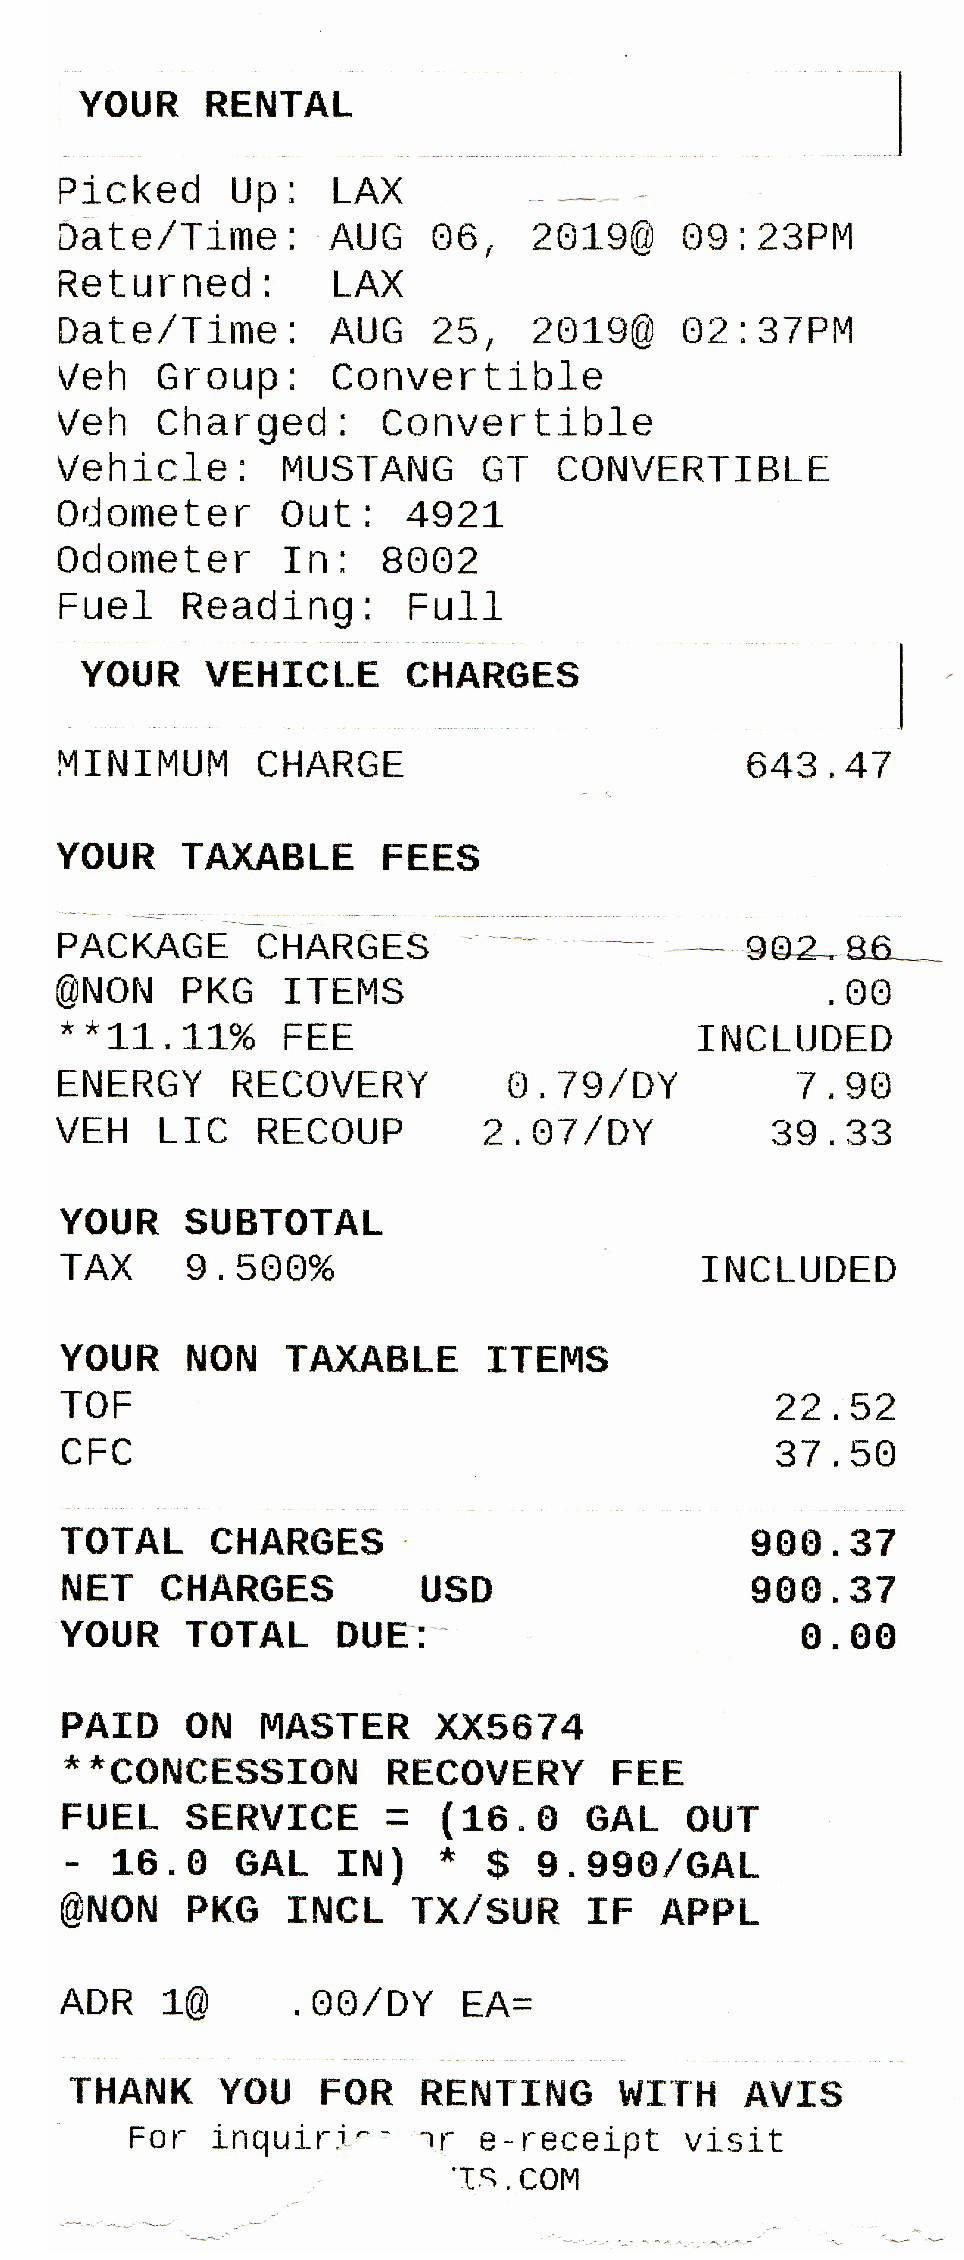 После оплаты автомобиля вместе с договором аренды нам выдали чек. Оказалось, что аренда автомобиля стоит 41 470<span class=ruble>Р</span>, а все остальное — налоги и сборы